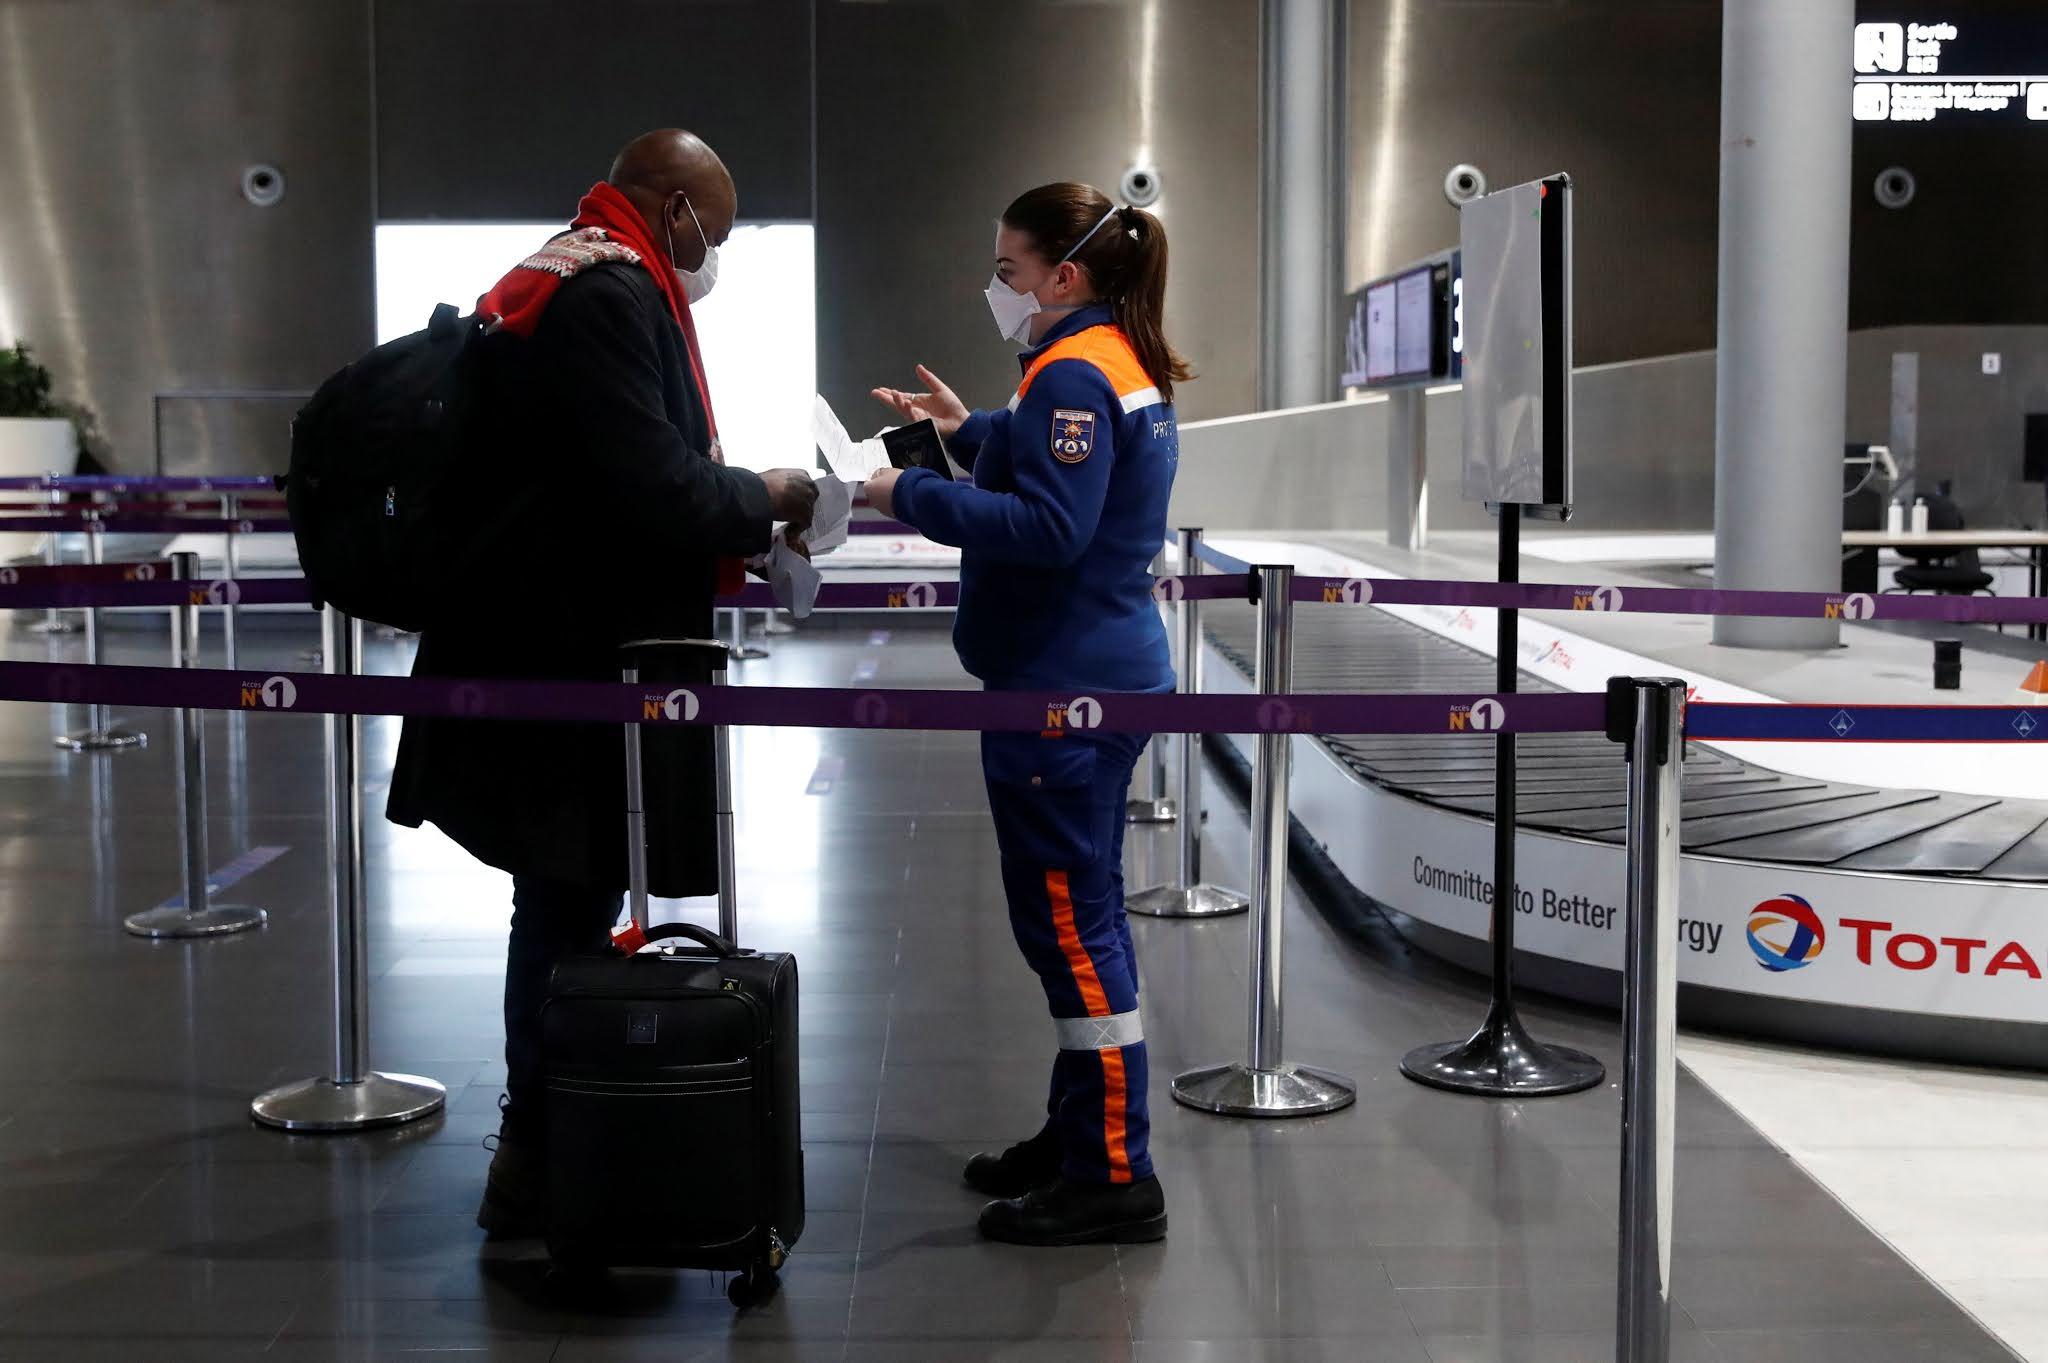 Francia exige cuarentena de 10 días a viajeros procedentes de Argentina, Brasil y Sudáfrica